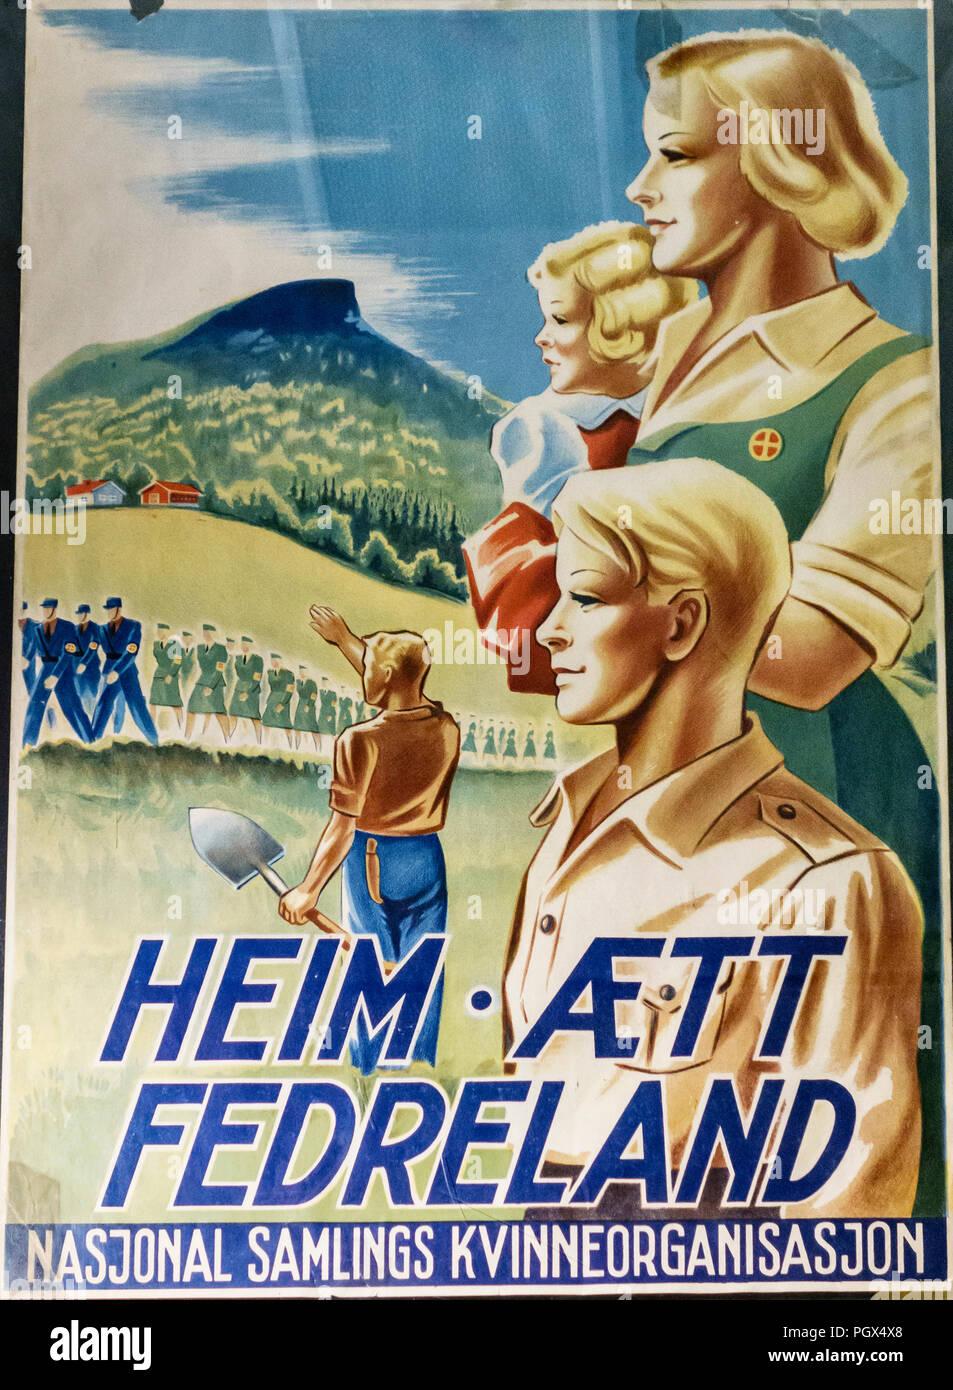 Affiche de guerre nazi-fasciste de la Norvège occupée. Le slogan indique 'patrie', et d'accueil mis en place par l'Organisation des femmes de l'Assemblée nationale Photo Stock